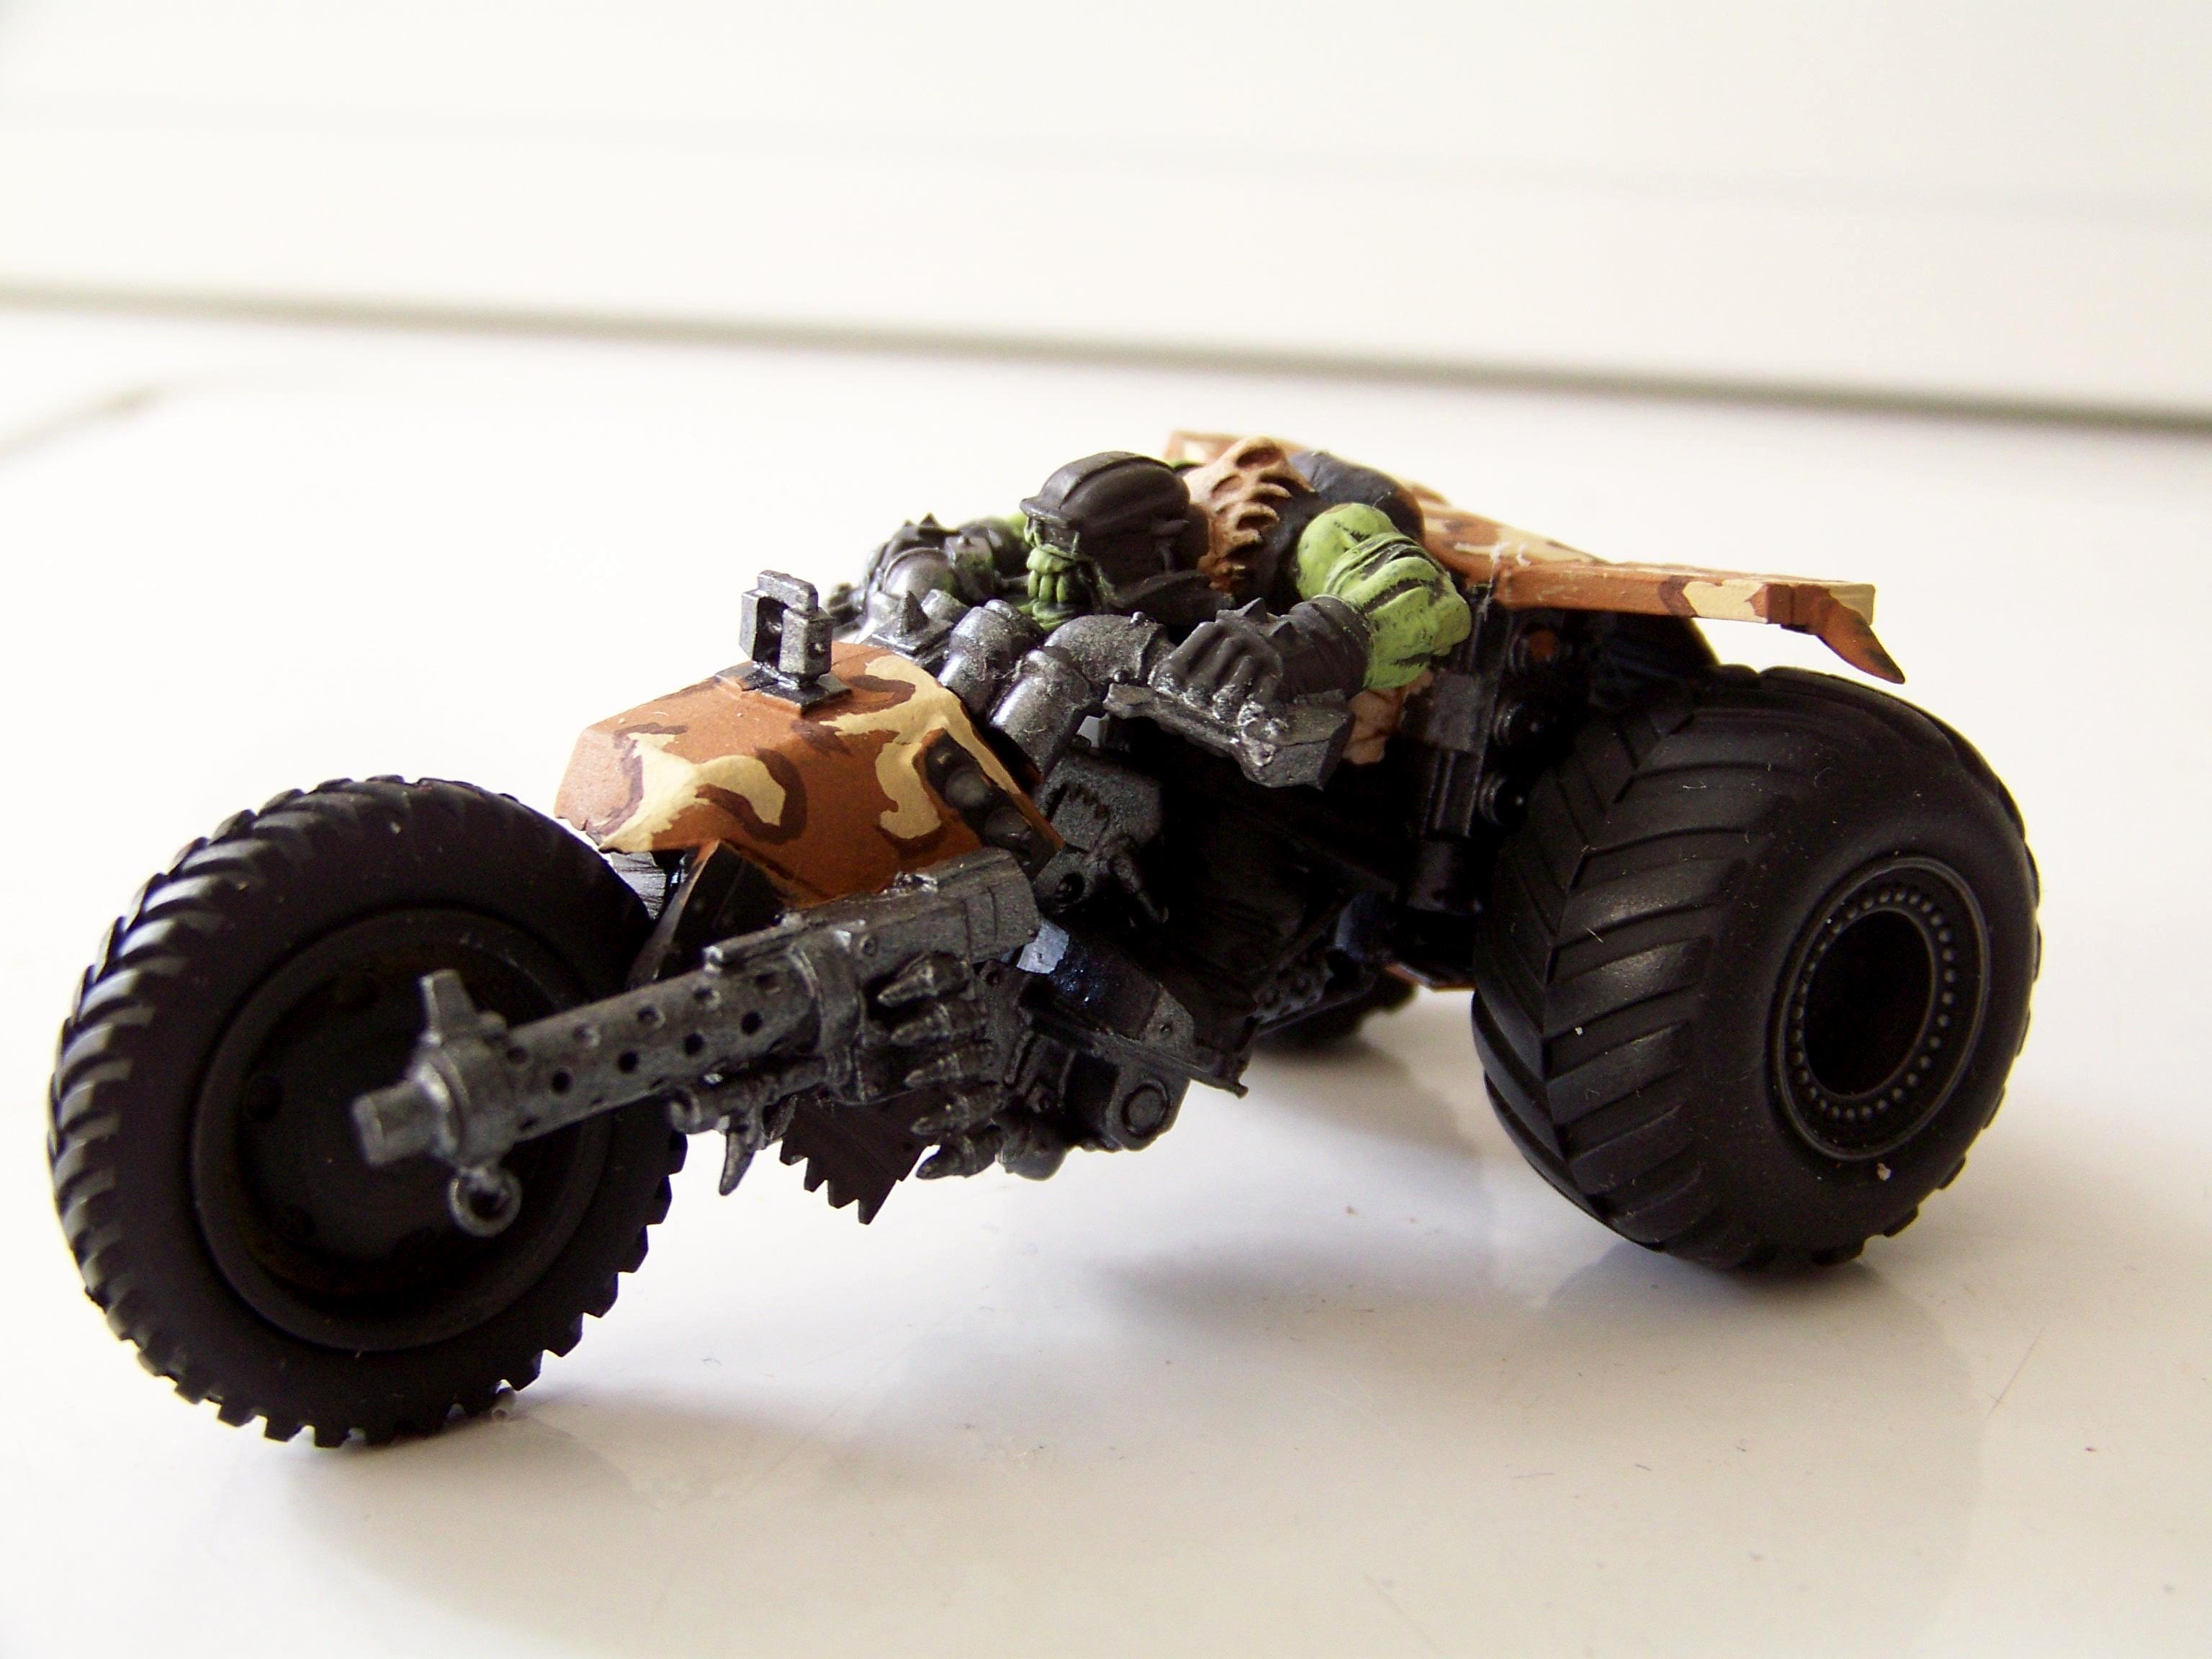 Nob Biker, Orks, Trike, War Biker, Warhammer 40,000